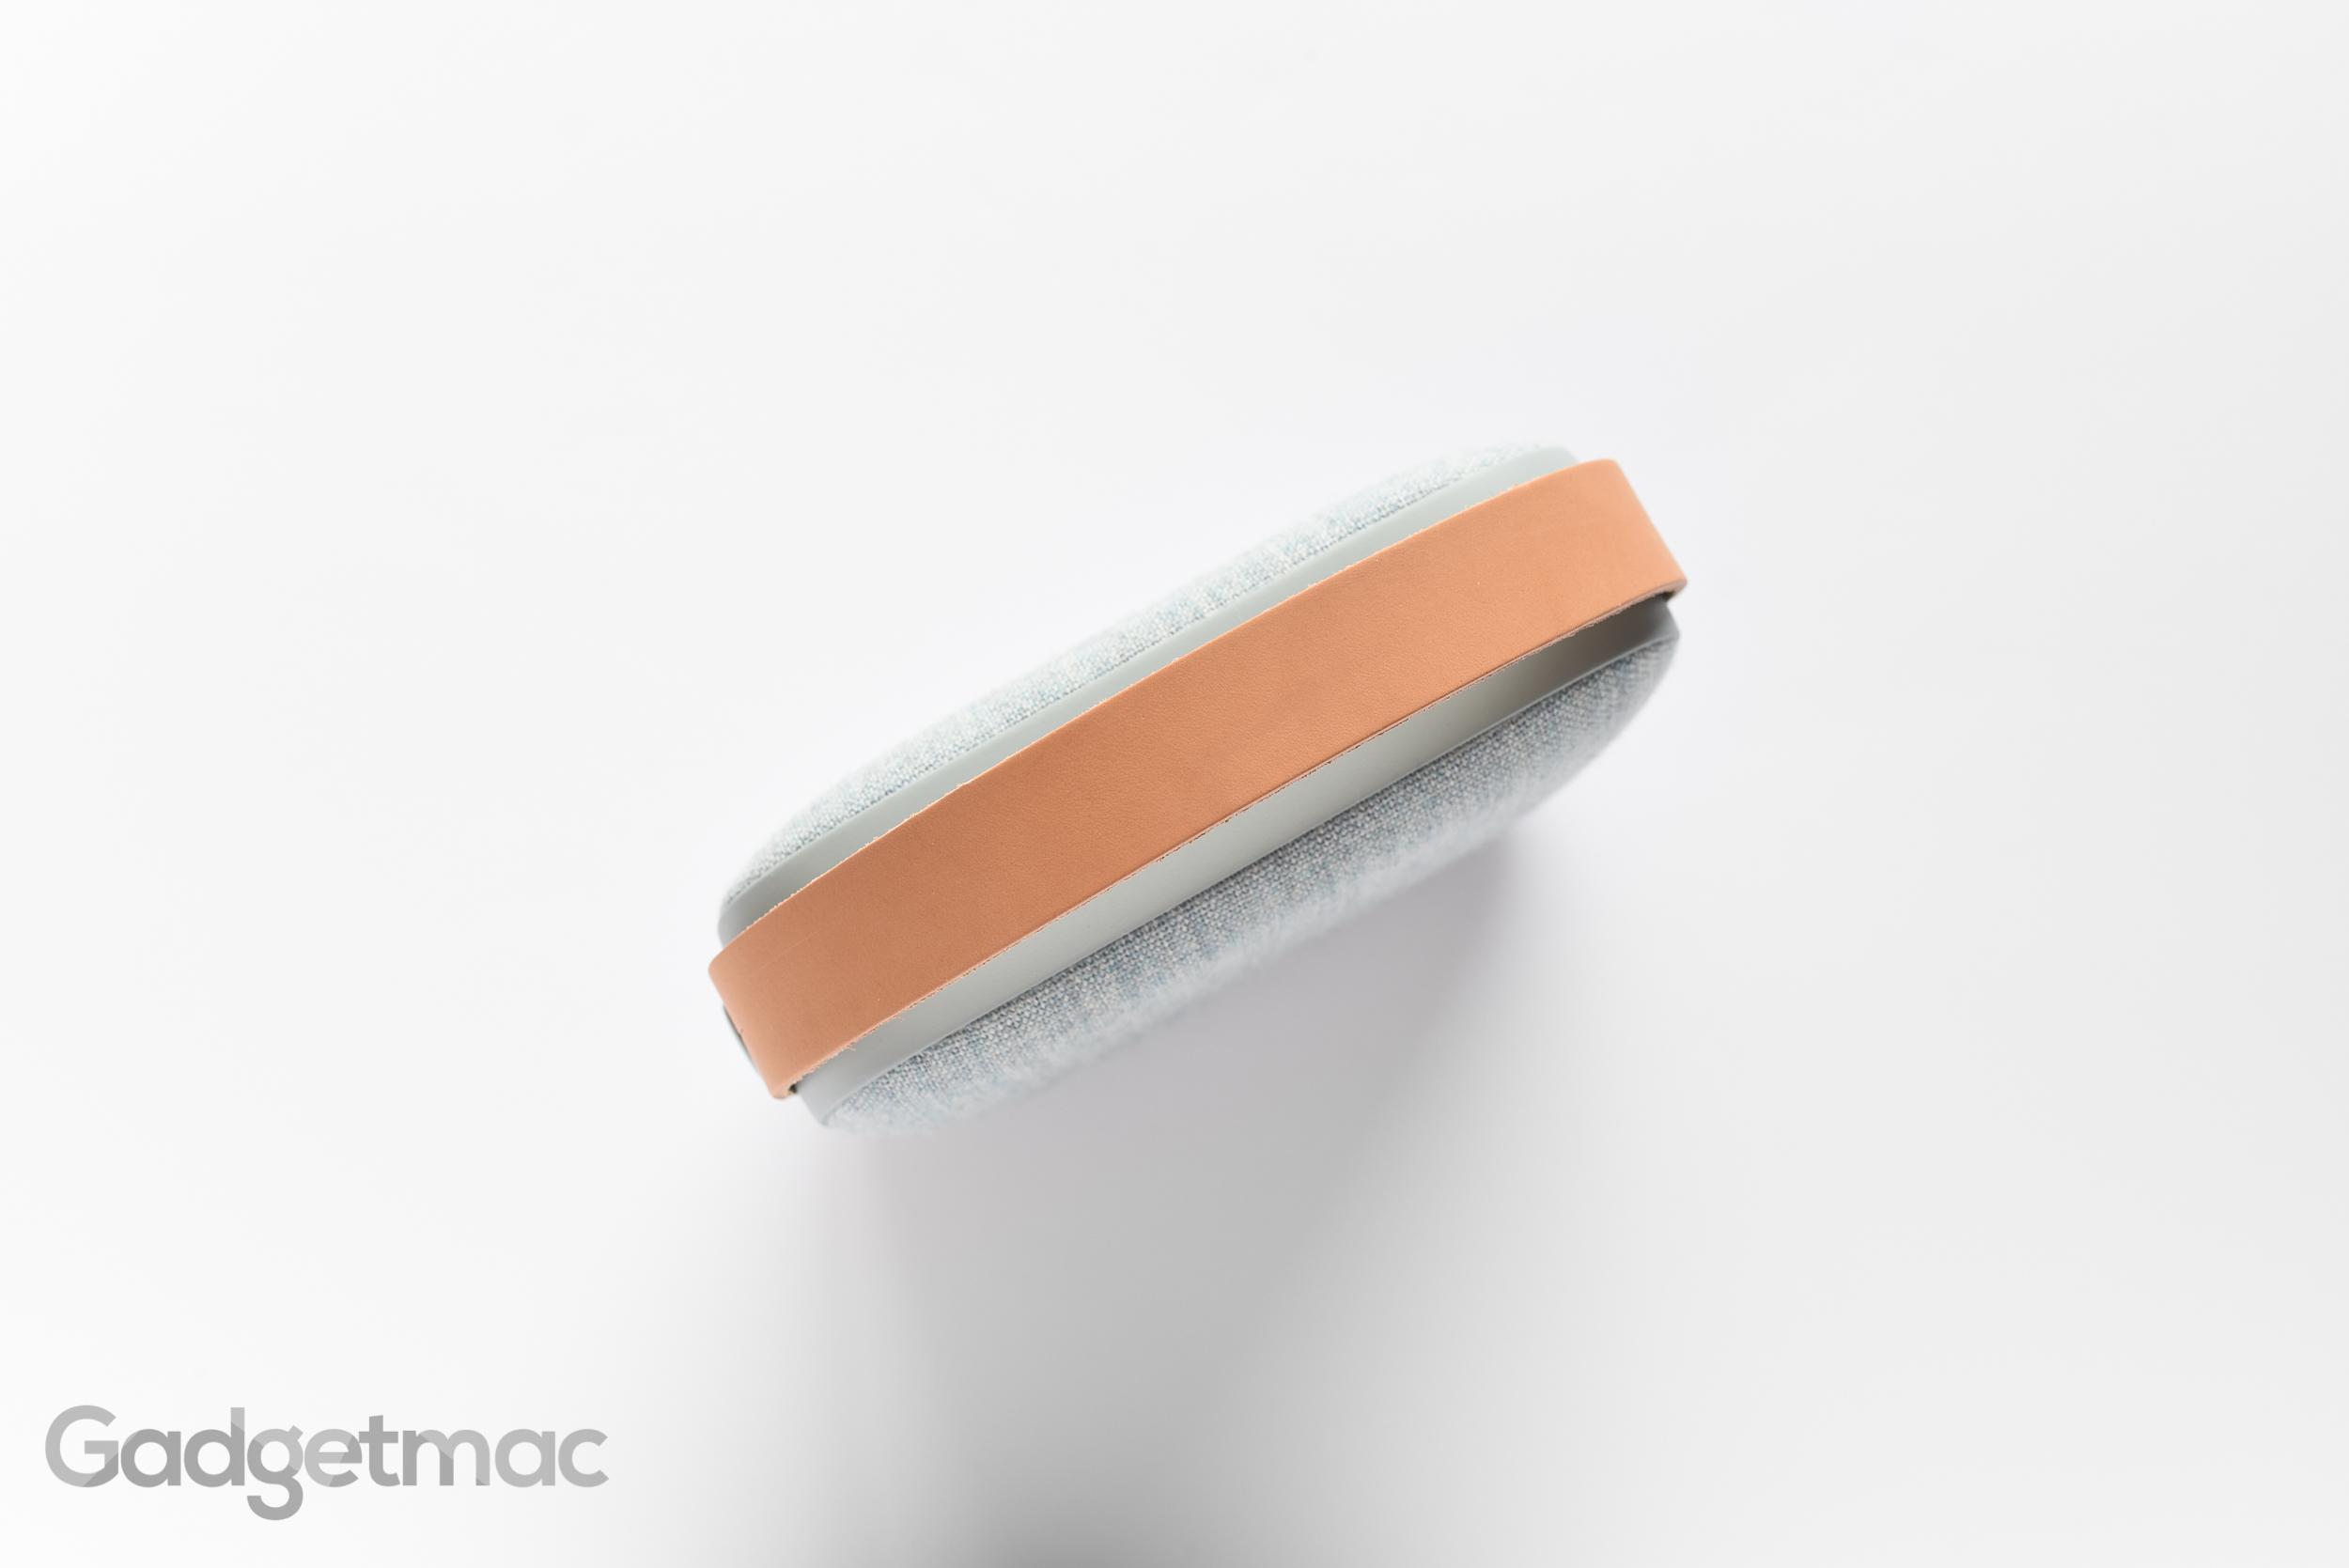 vifa-helsinki-leather-carry-handle-speaker.jpg